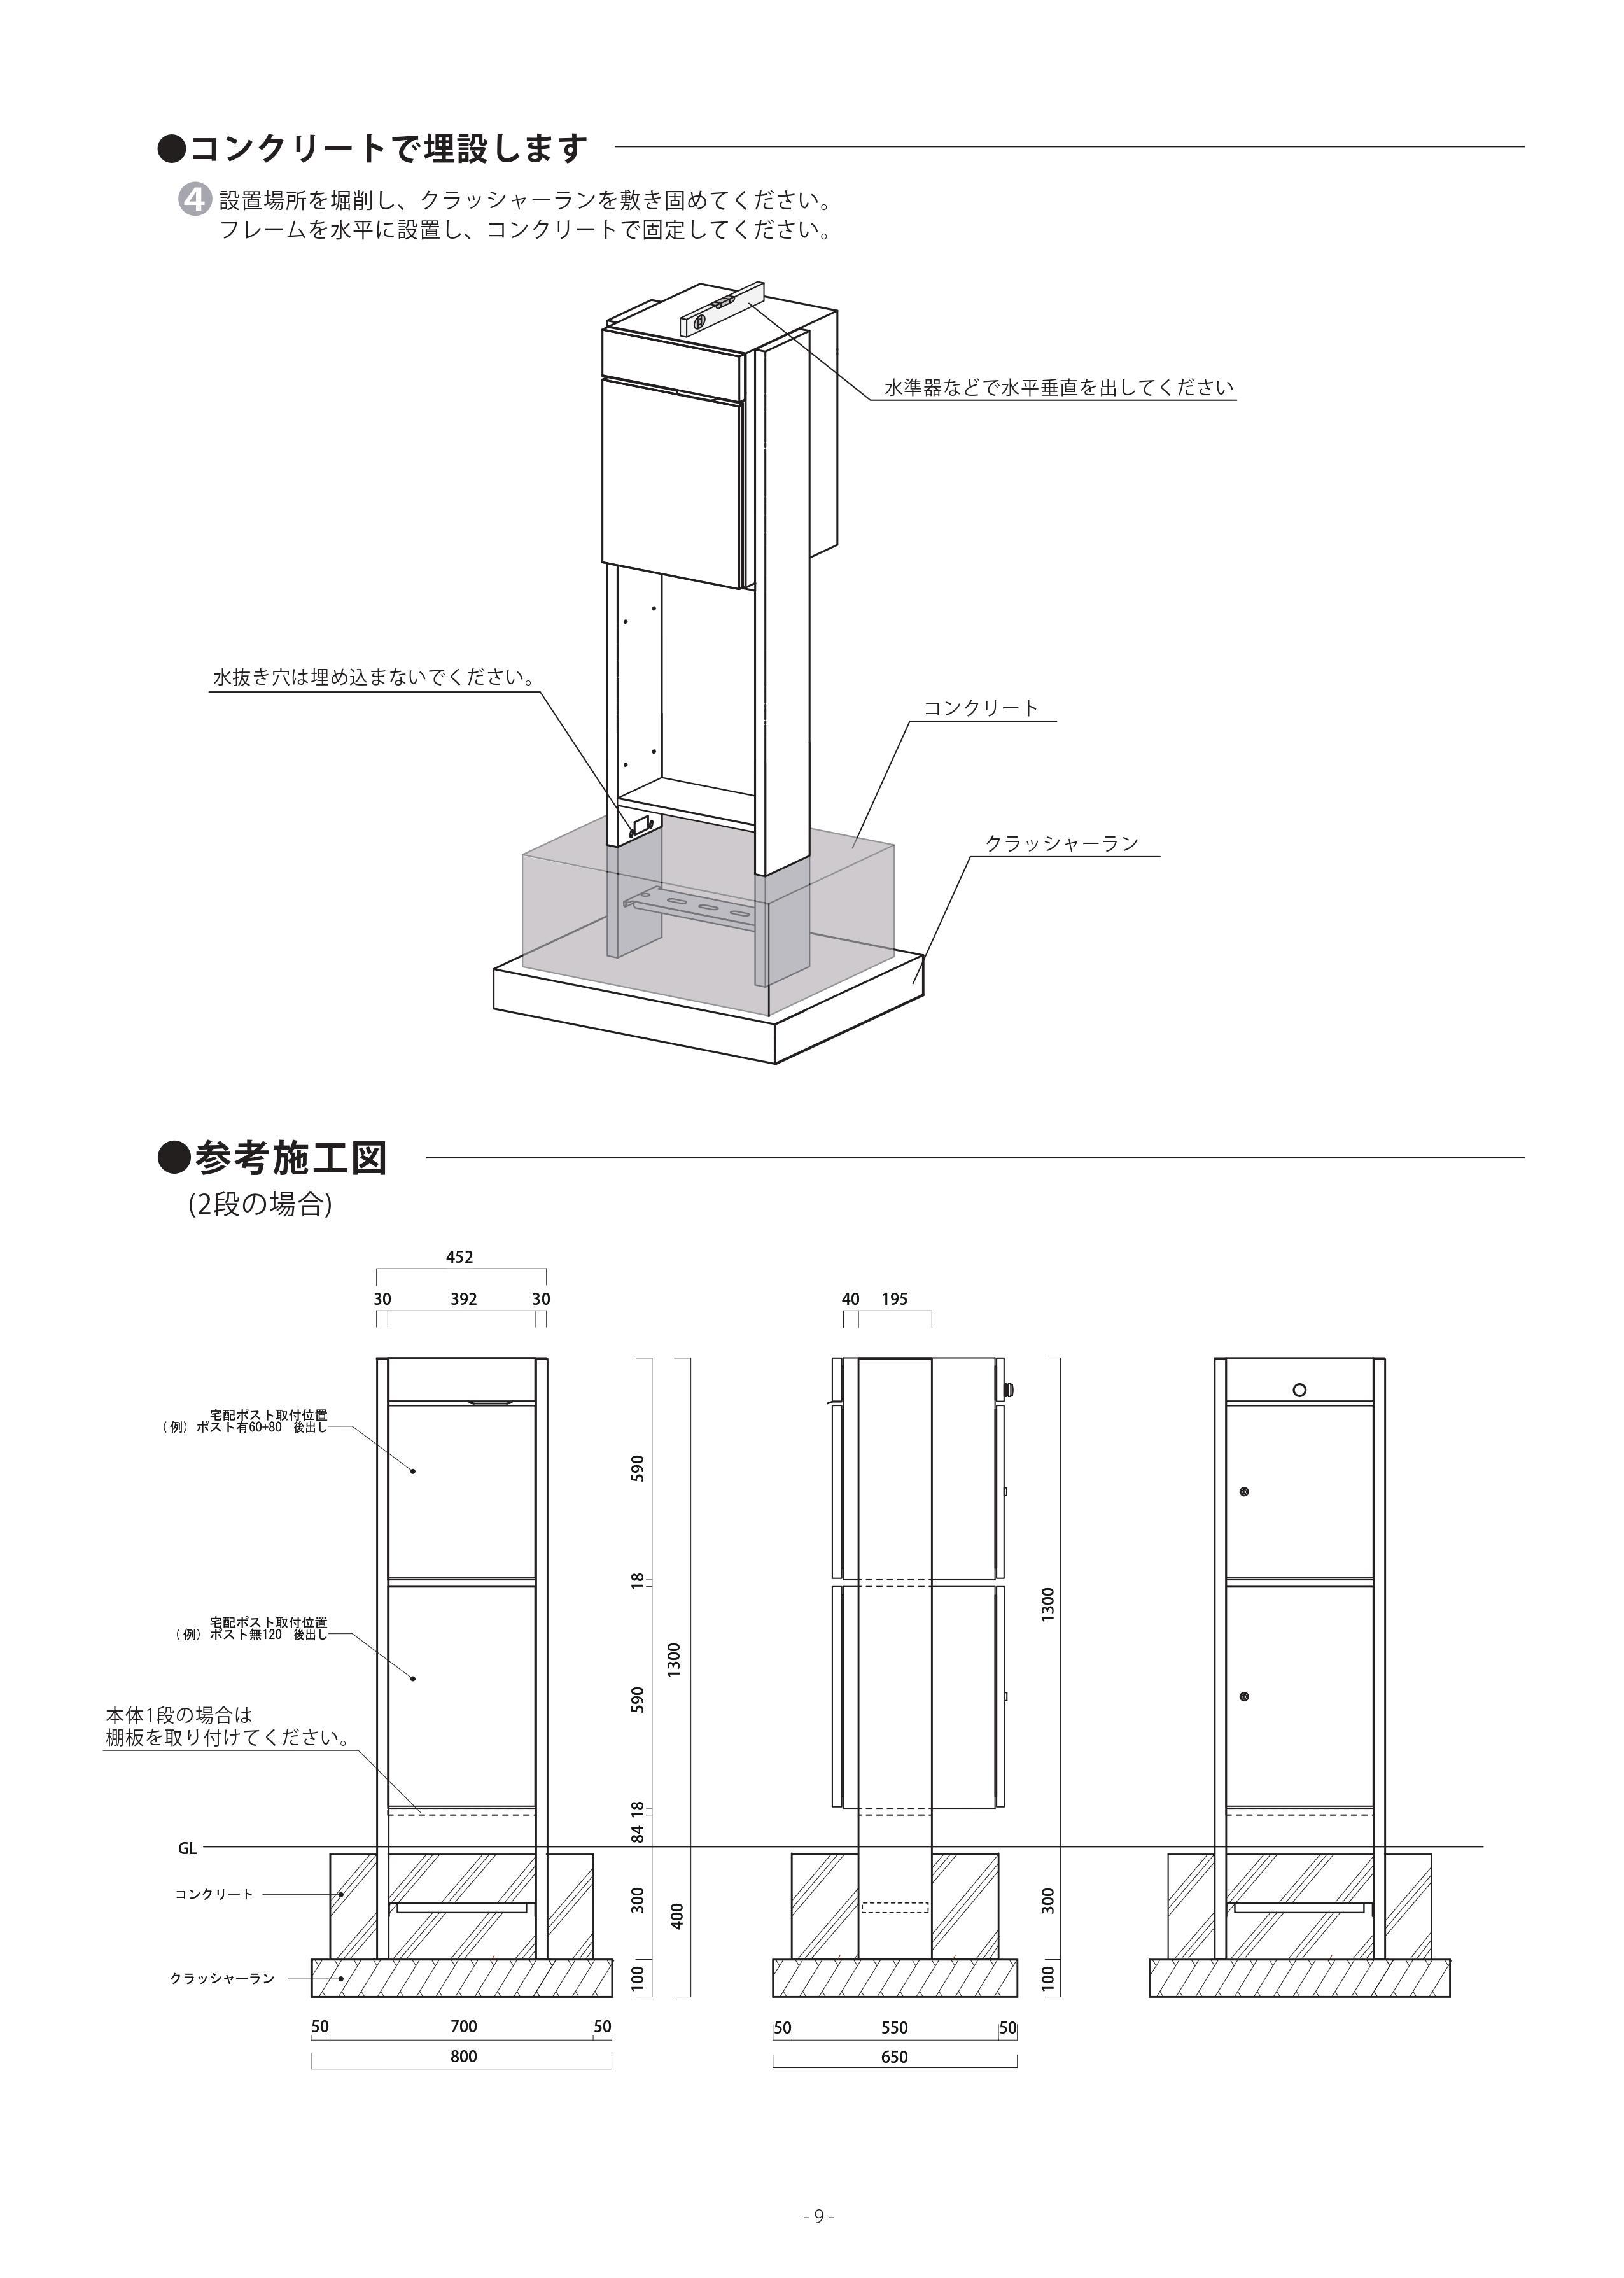 ヴィコDB埋込用台座_取扱説明書 (17)